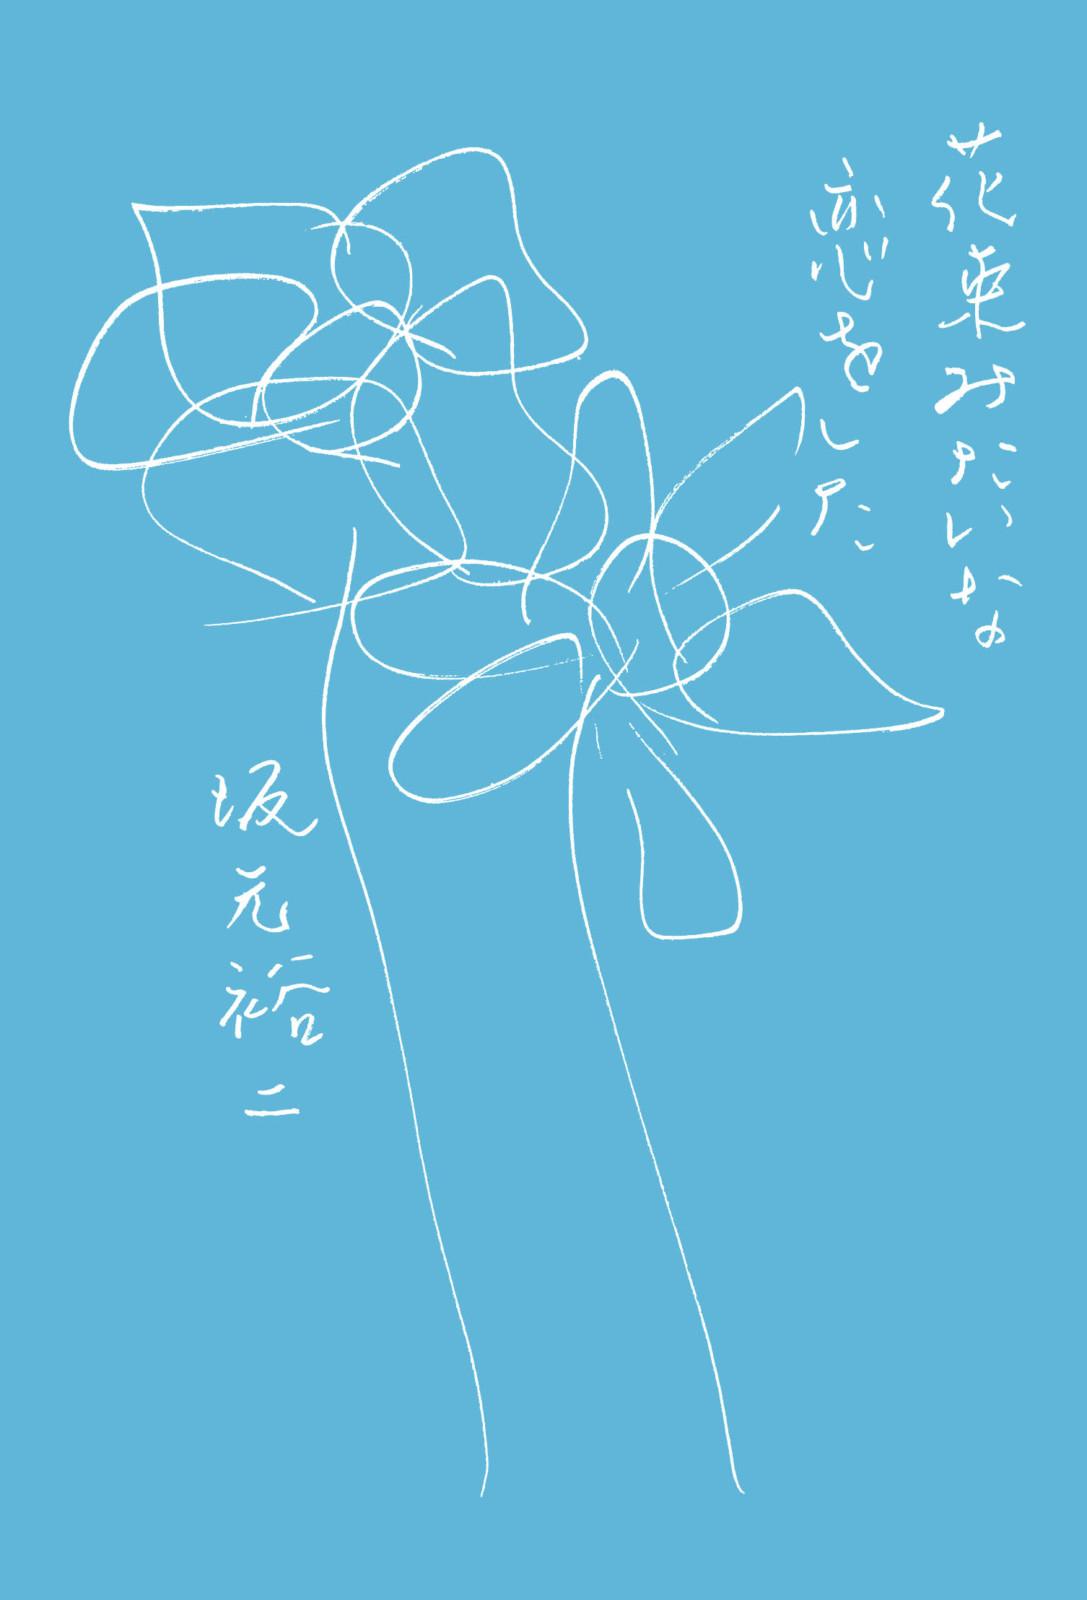 花束 みたい な 恋 を した フォト ブック